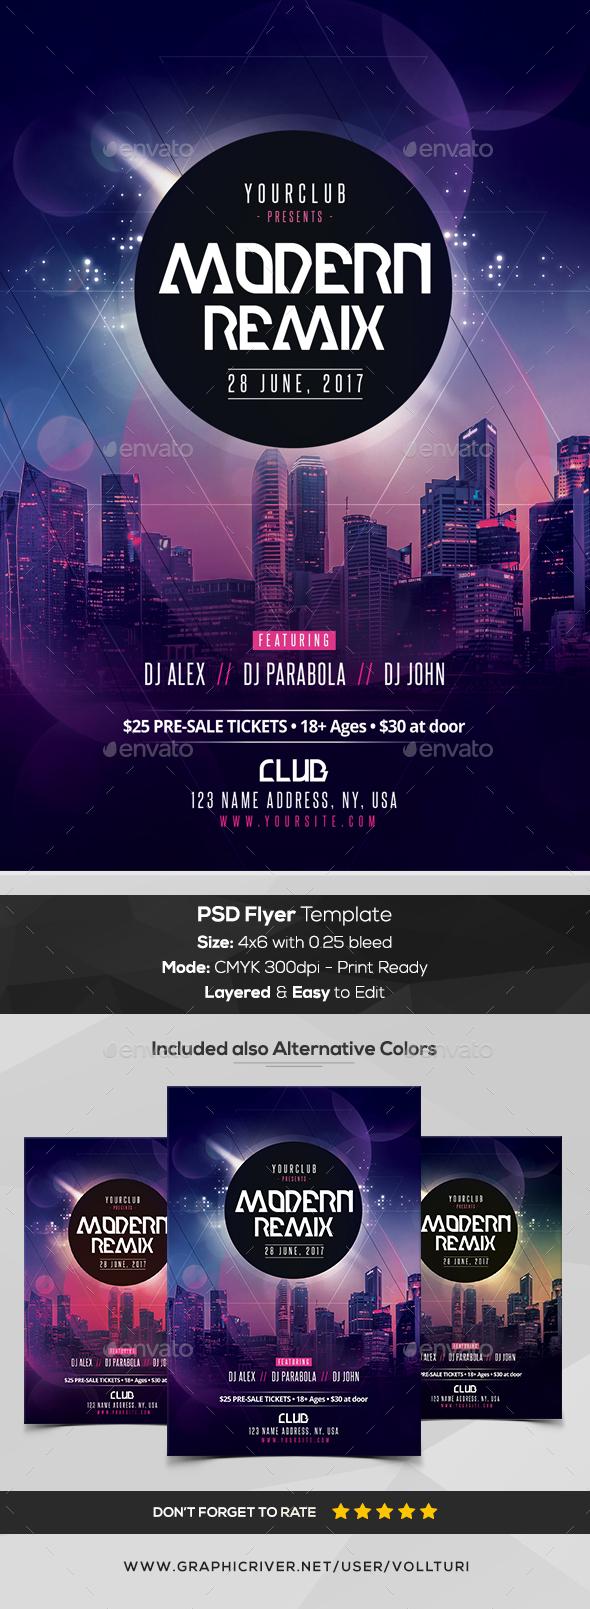 Modern Remix - PSD Flyer Template - Flyers Print Templates